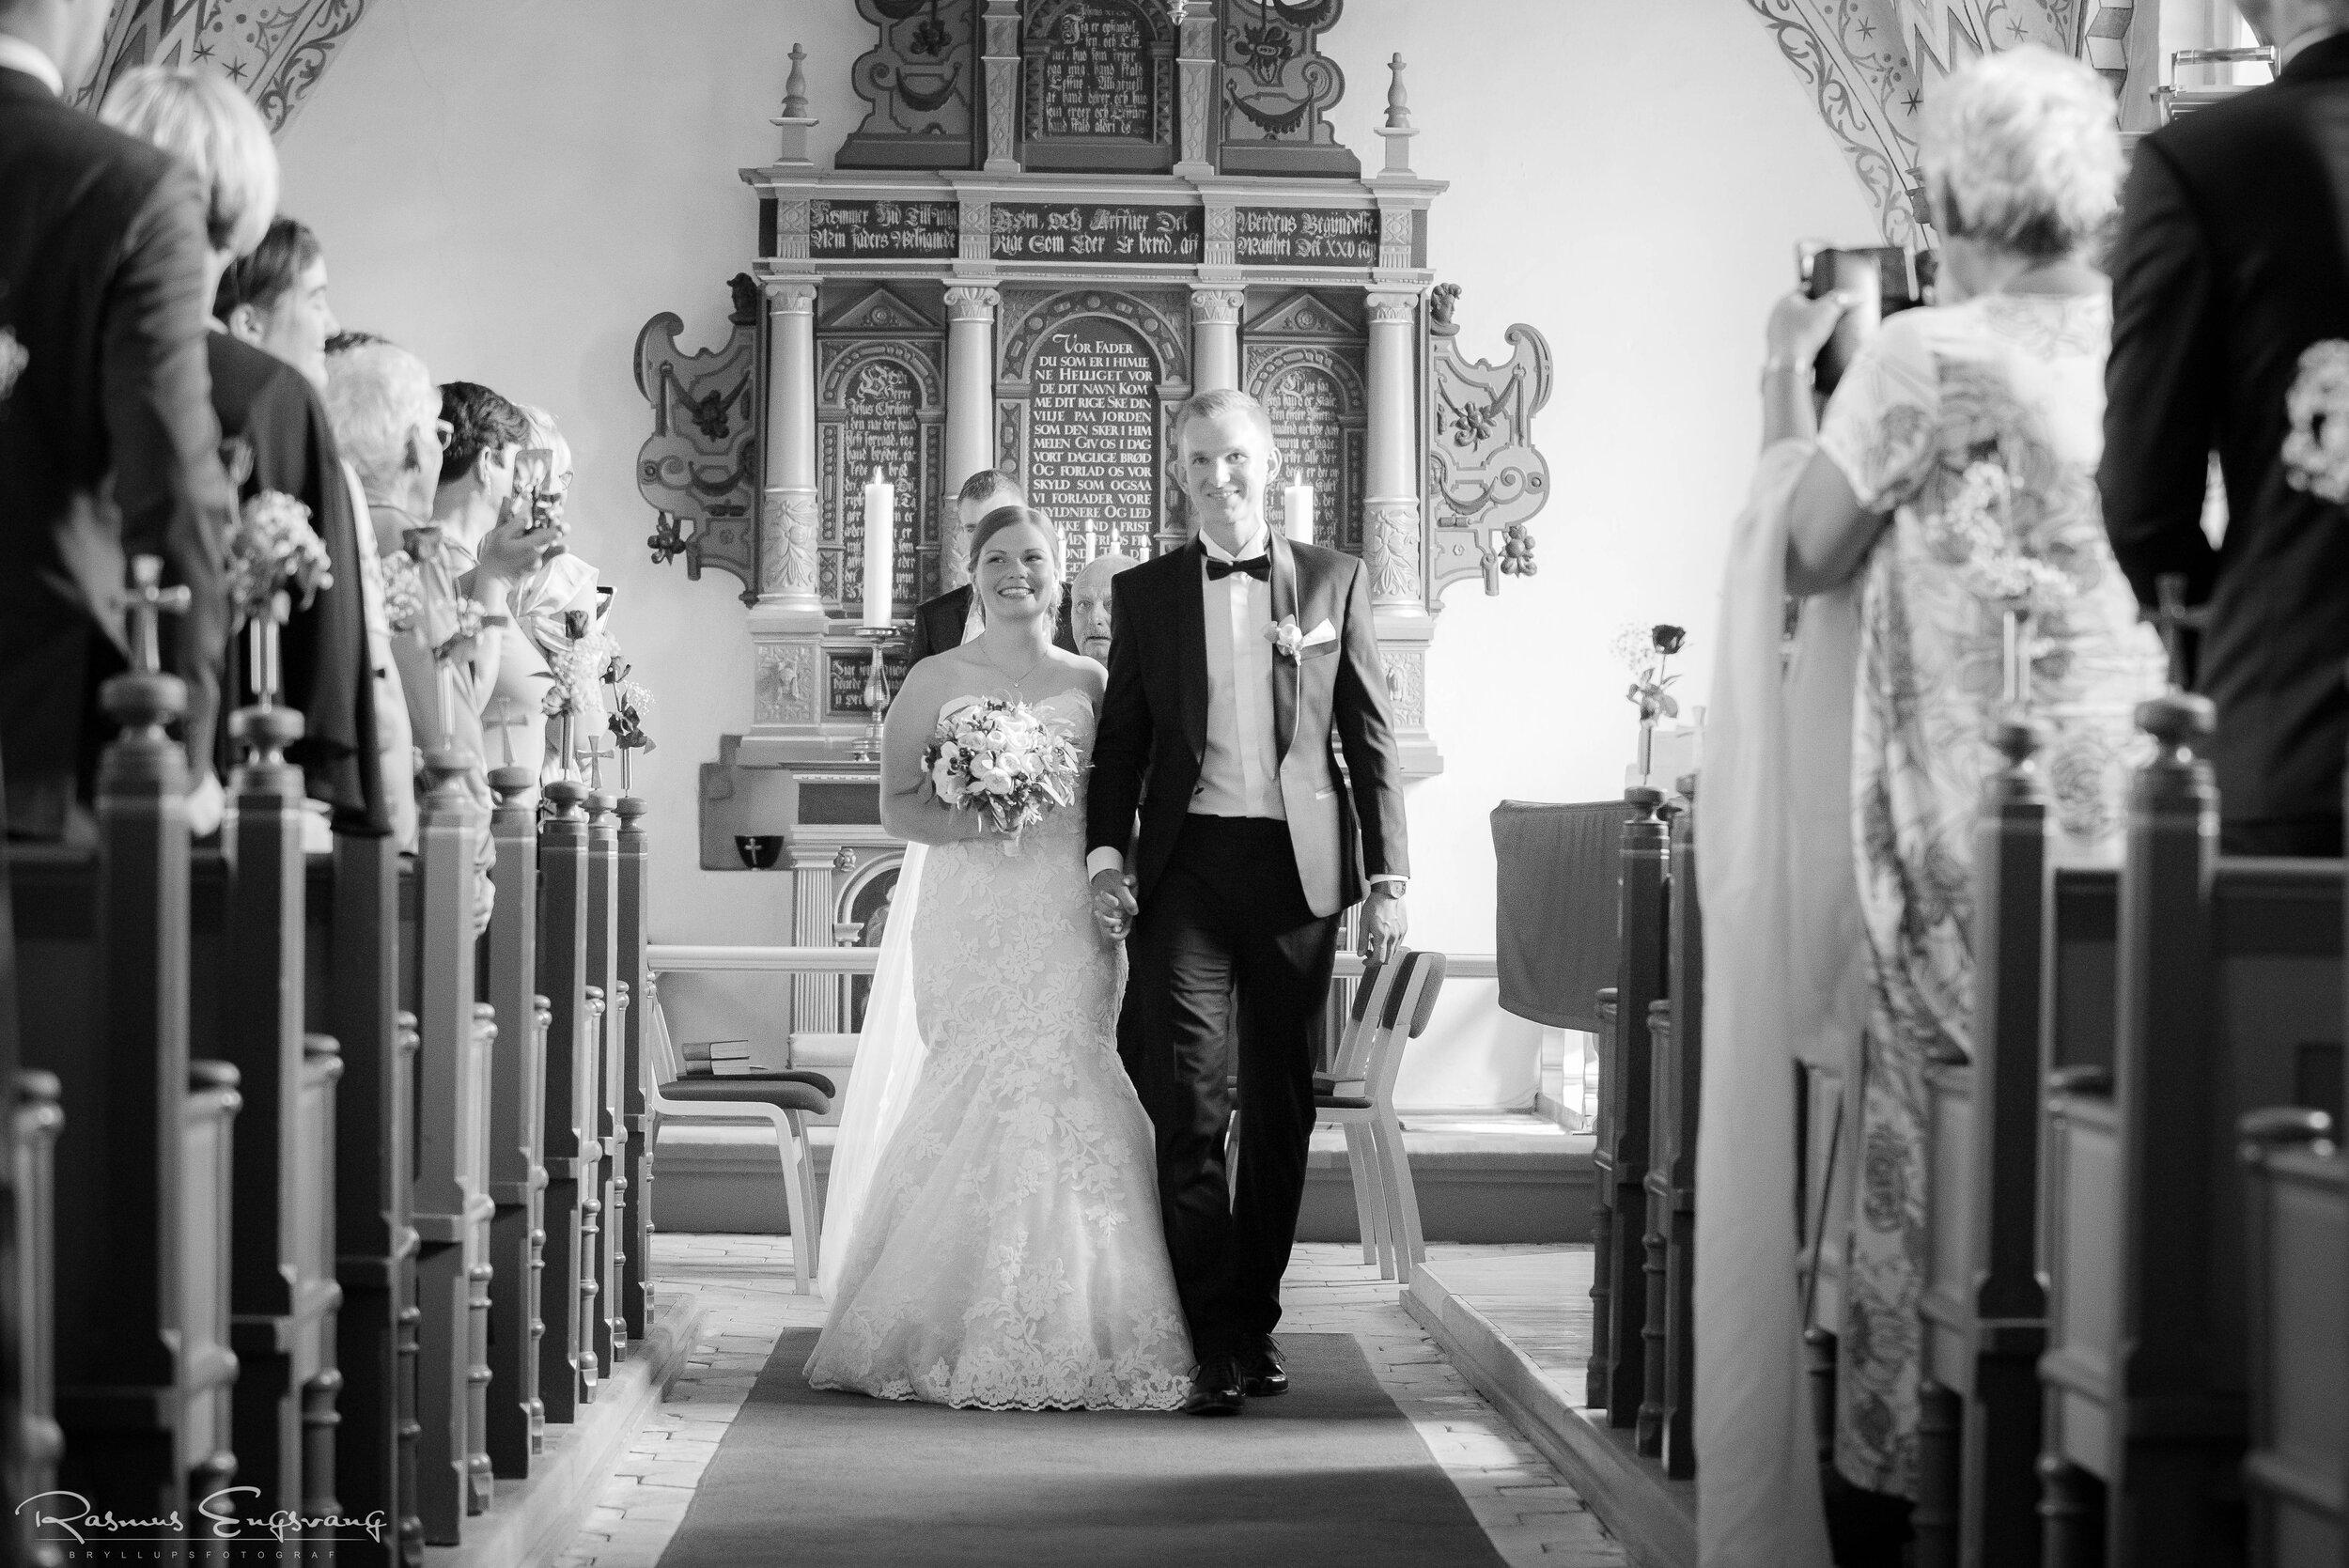 Bryllupsfotograf_Sjælland_Humleorehus_Vigersted-111.jpg